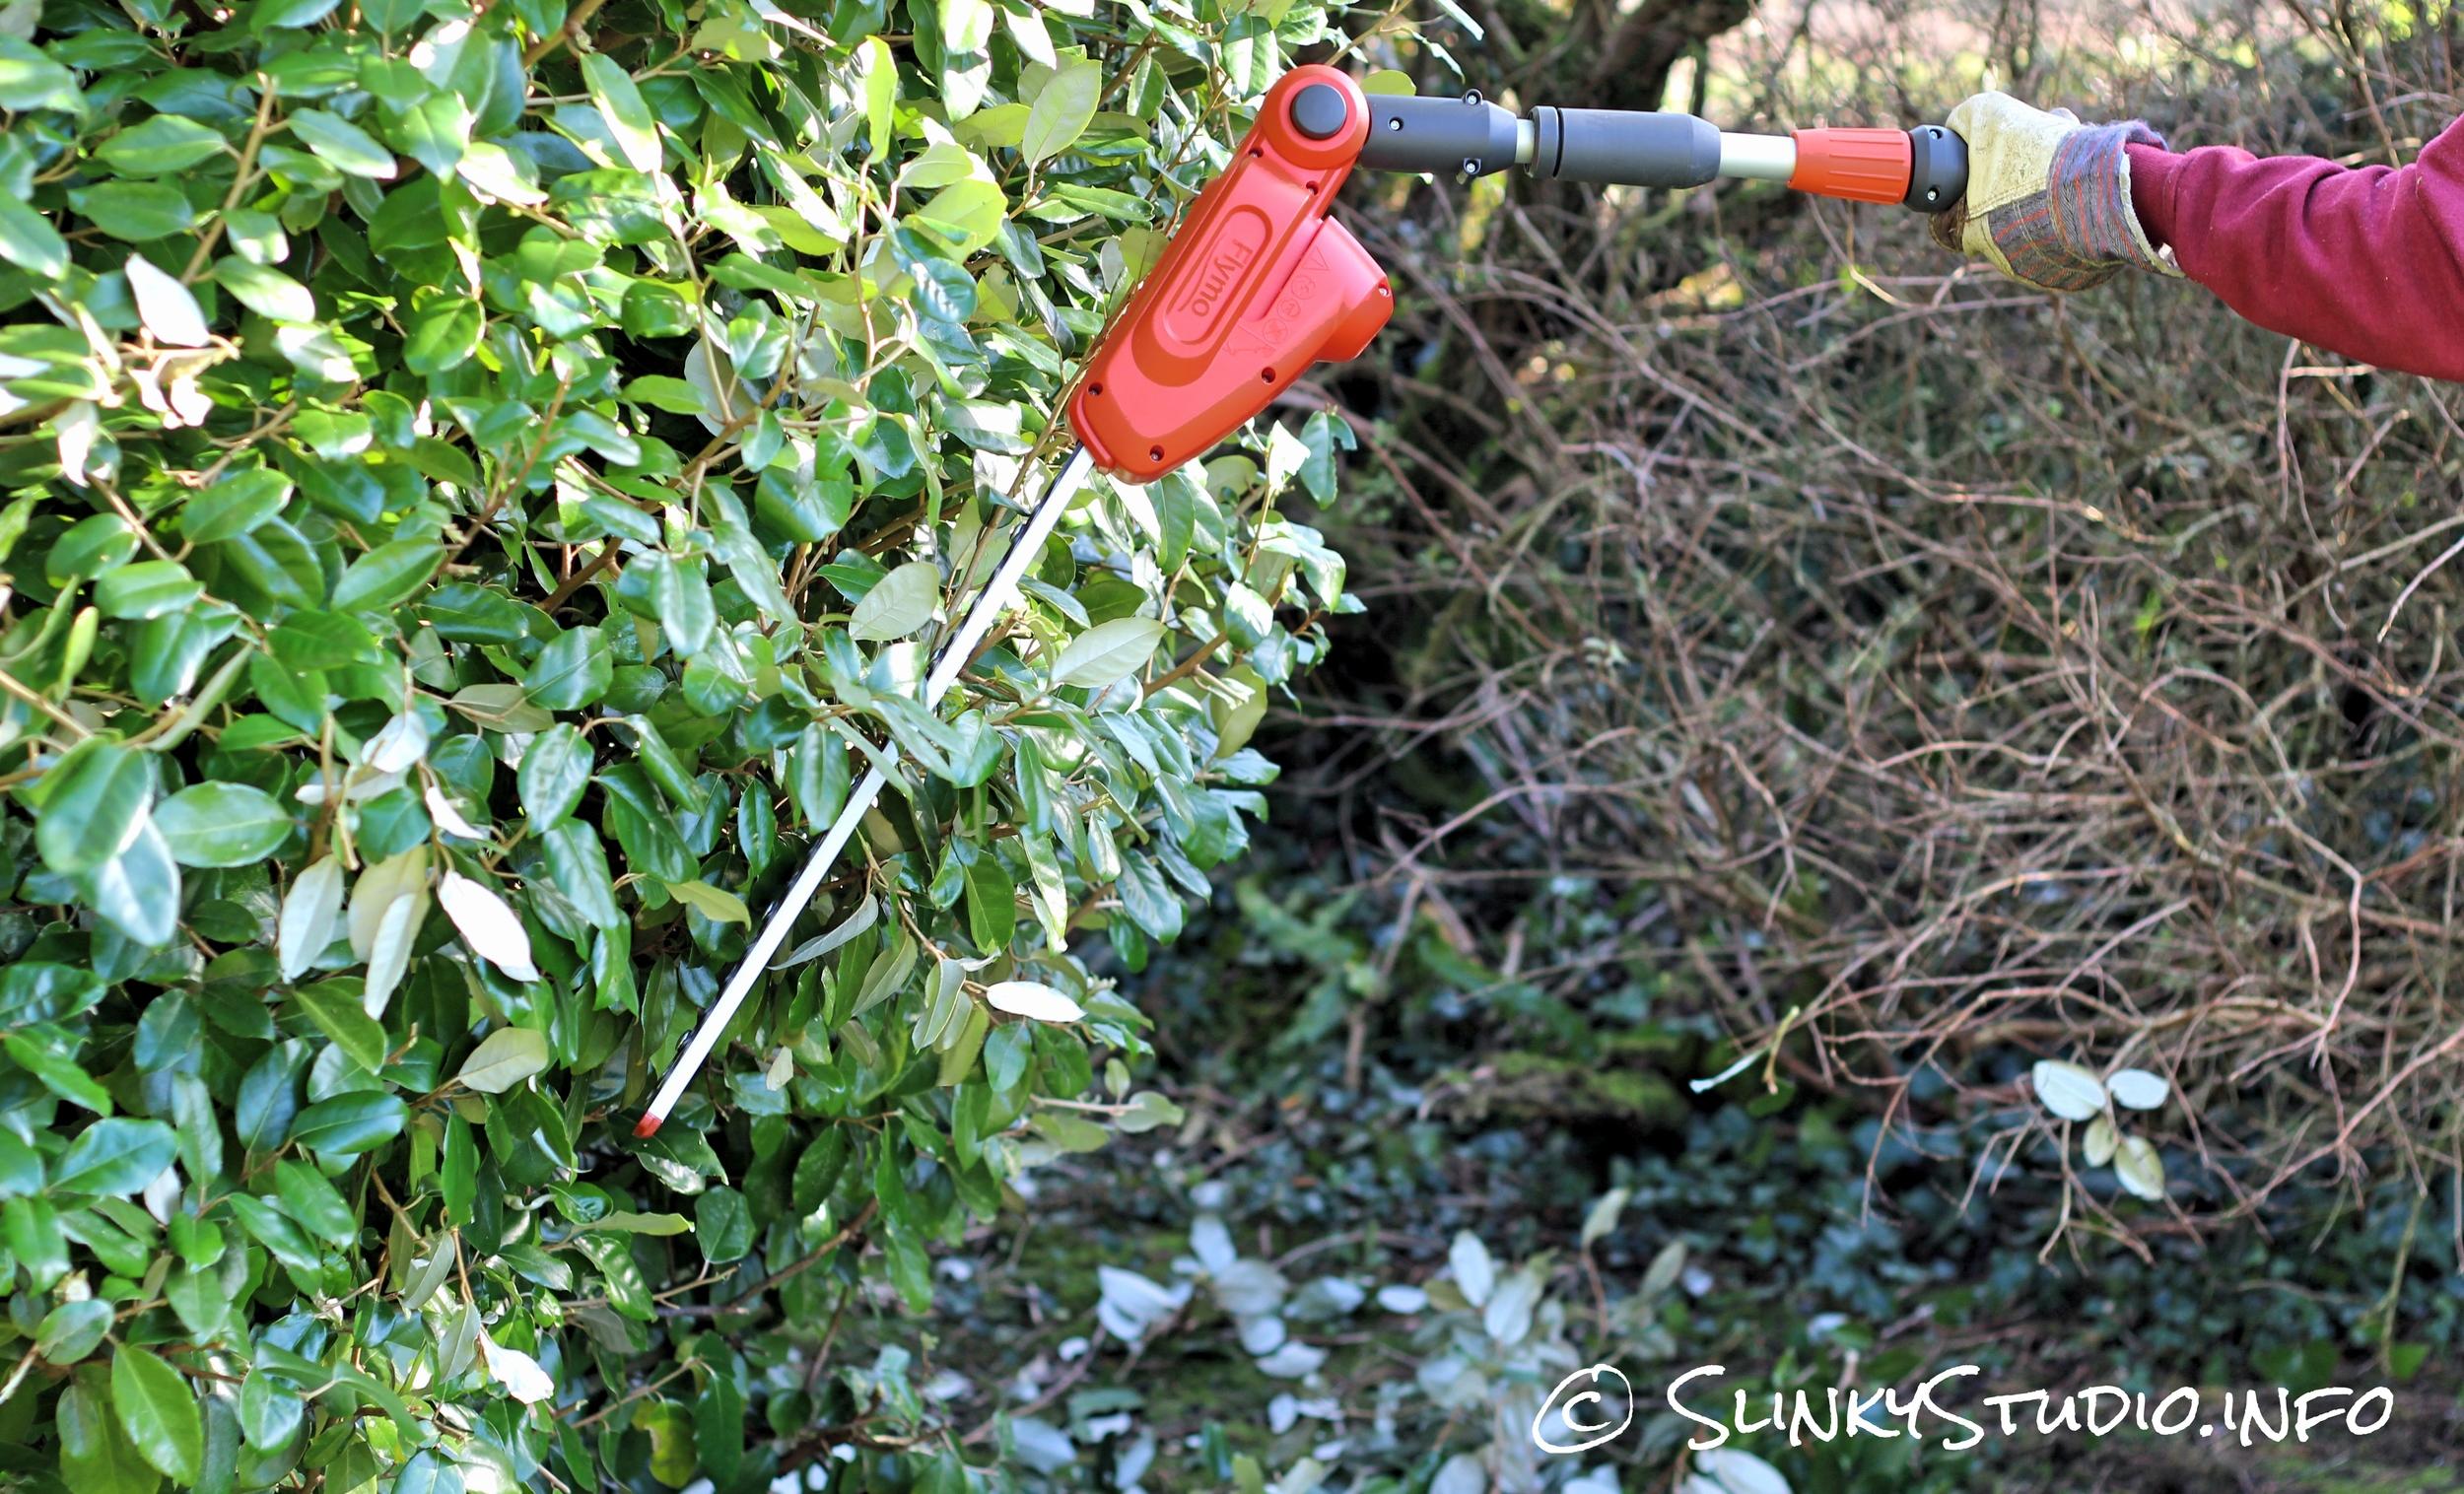 Flymo SabreCut XT Cordless Hedge Trimmer Sideways Cutting Hedge.jpg